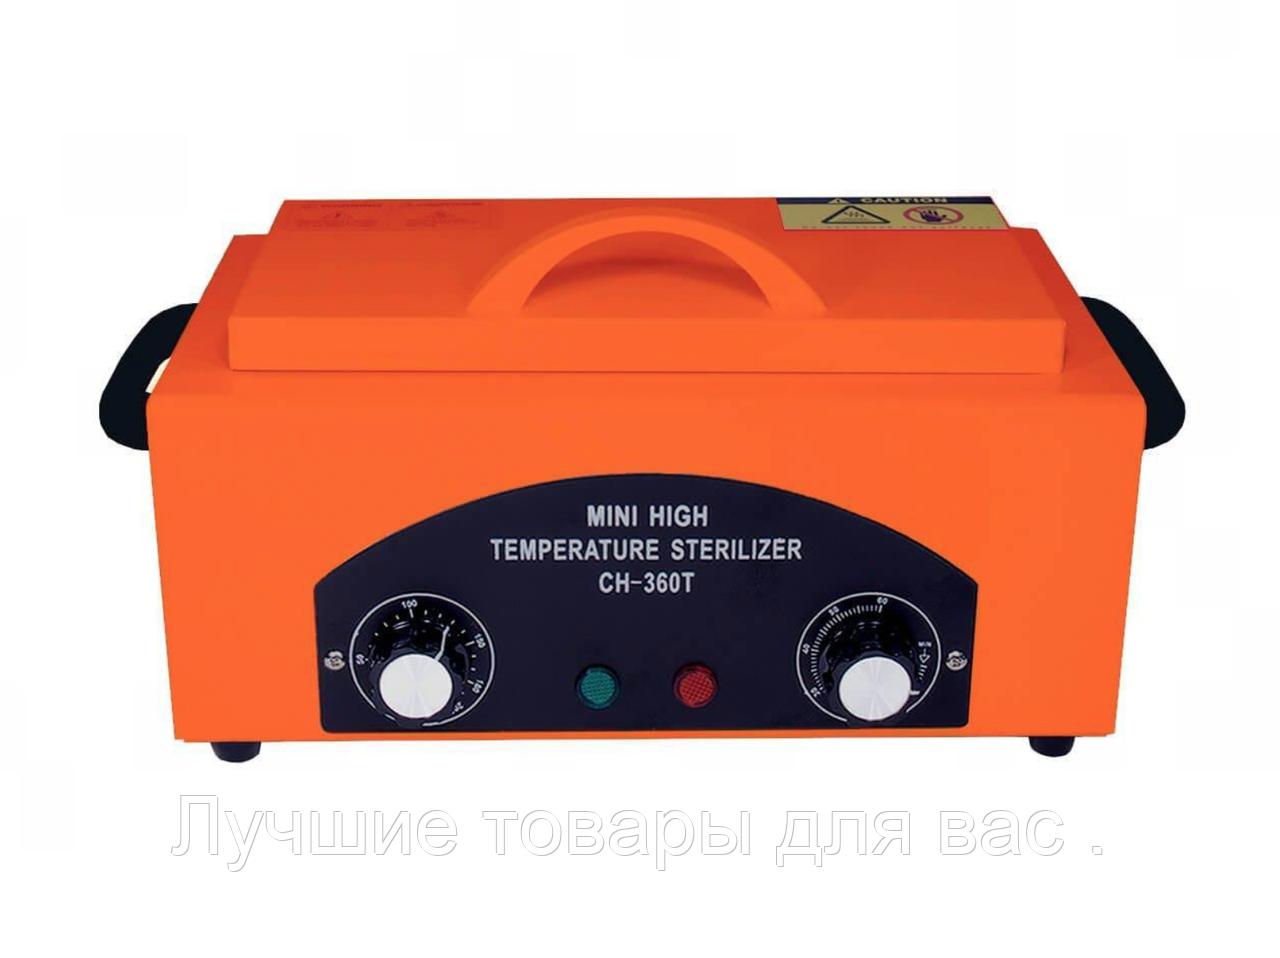 Стерилизатор сухожар для маникюрных инструментов СН-360T (оранжевый)